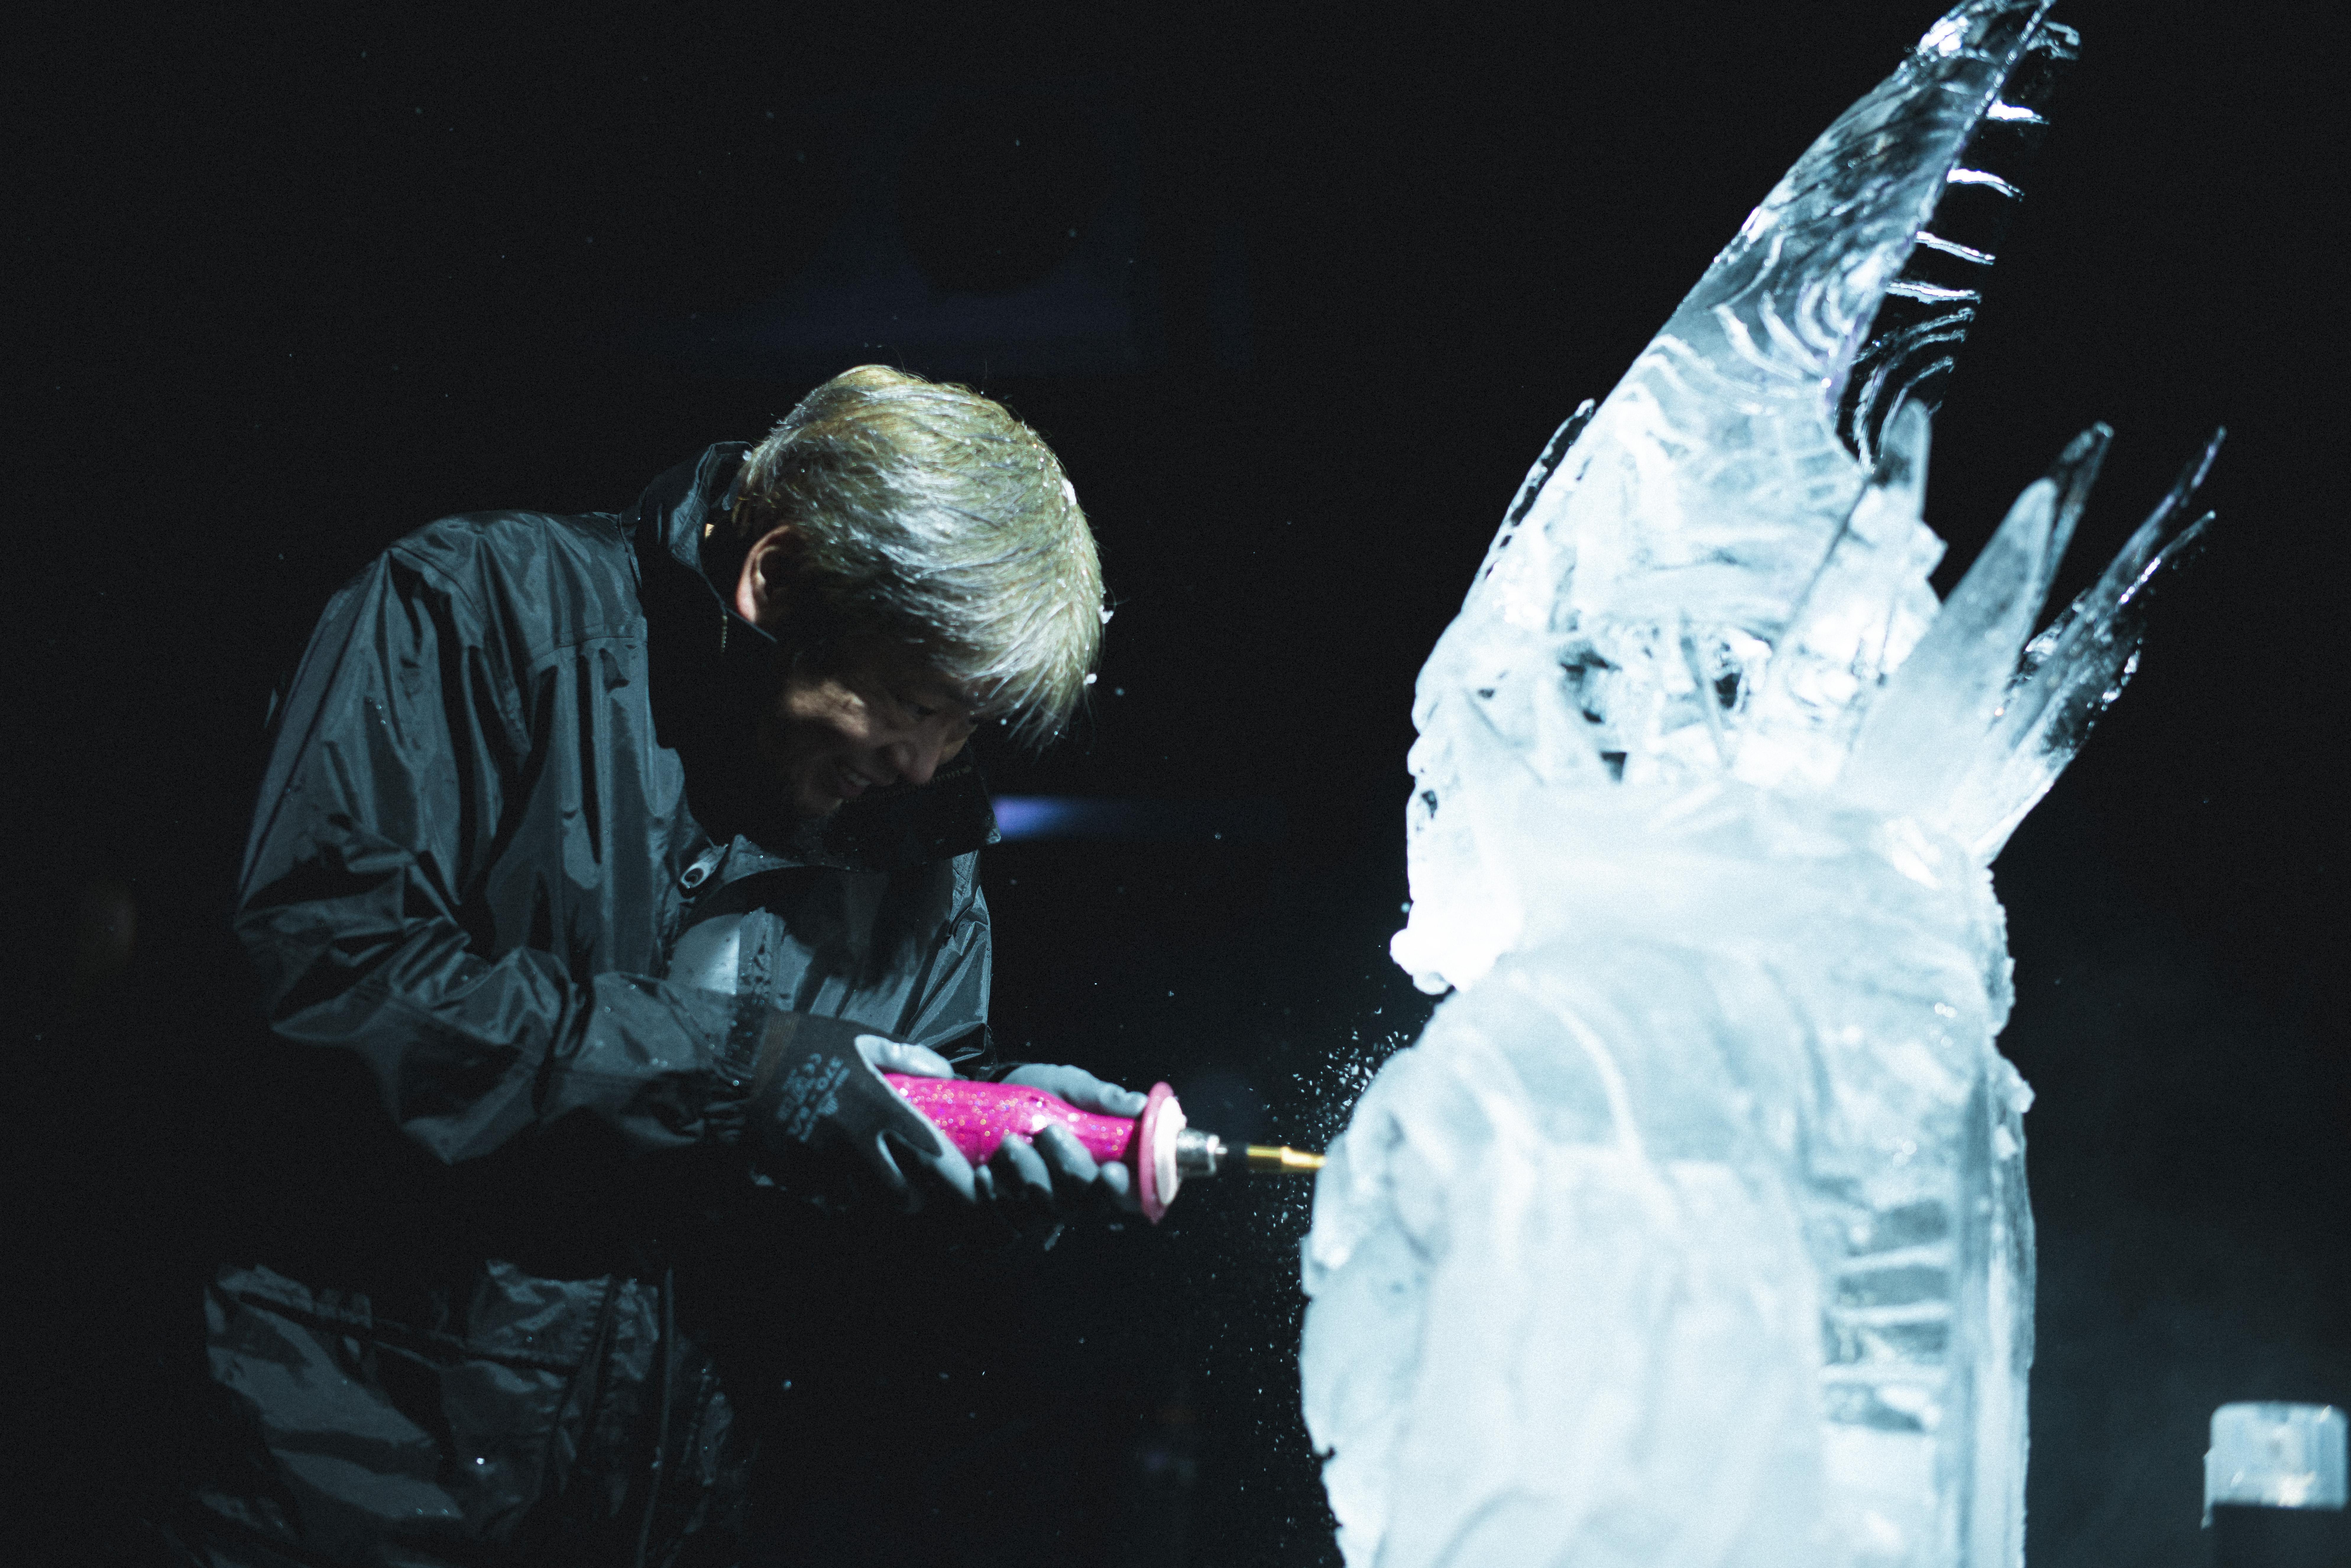 【Destiny 2 光の超越】ゲームに登場する強敵「エラミス」が氷像になって登場!